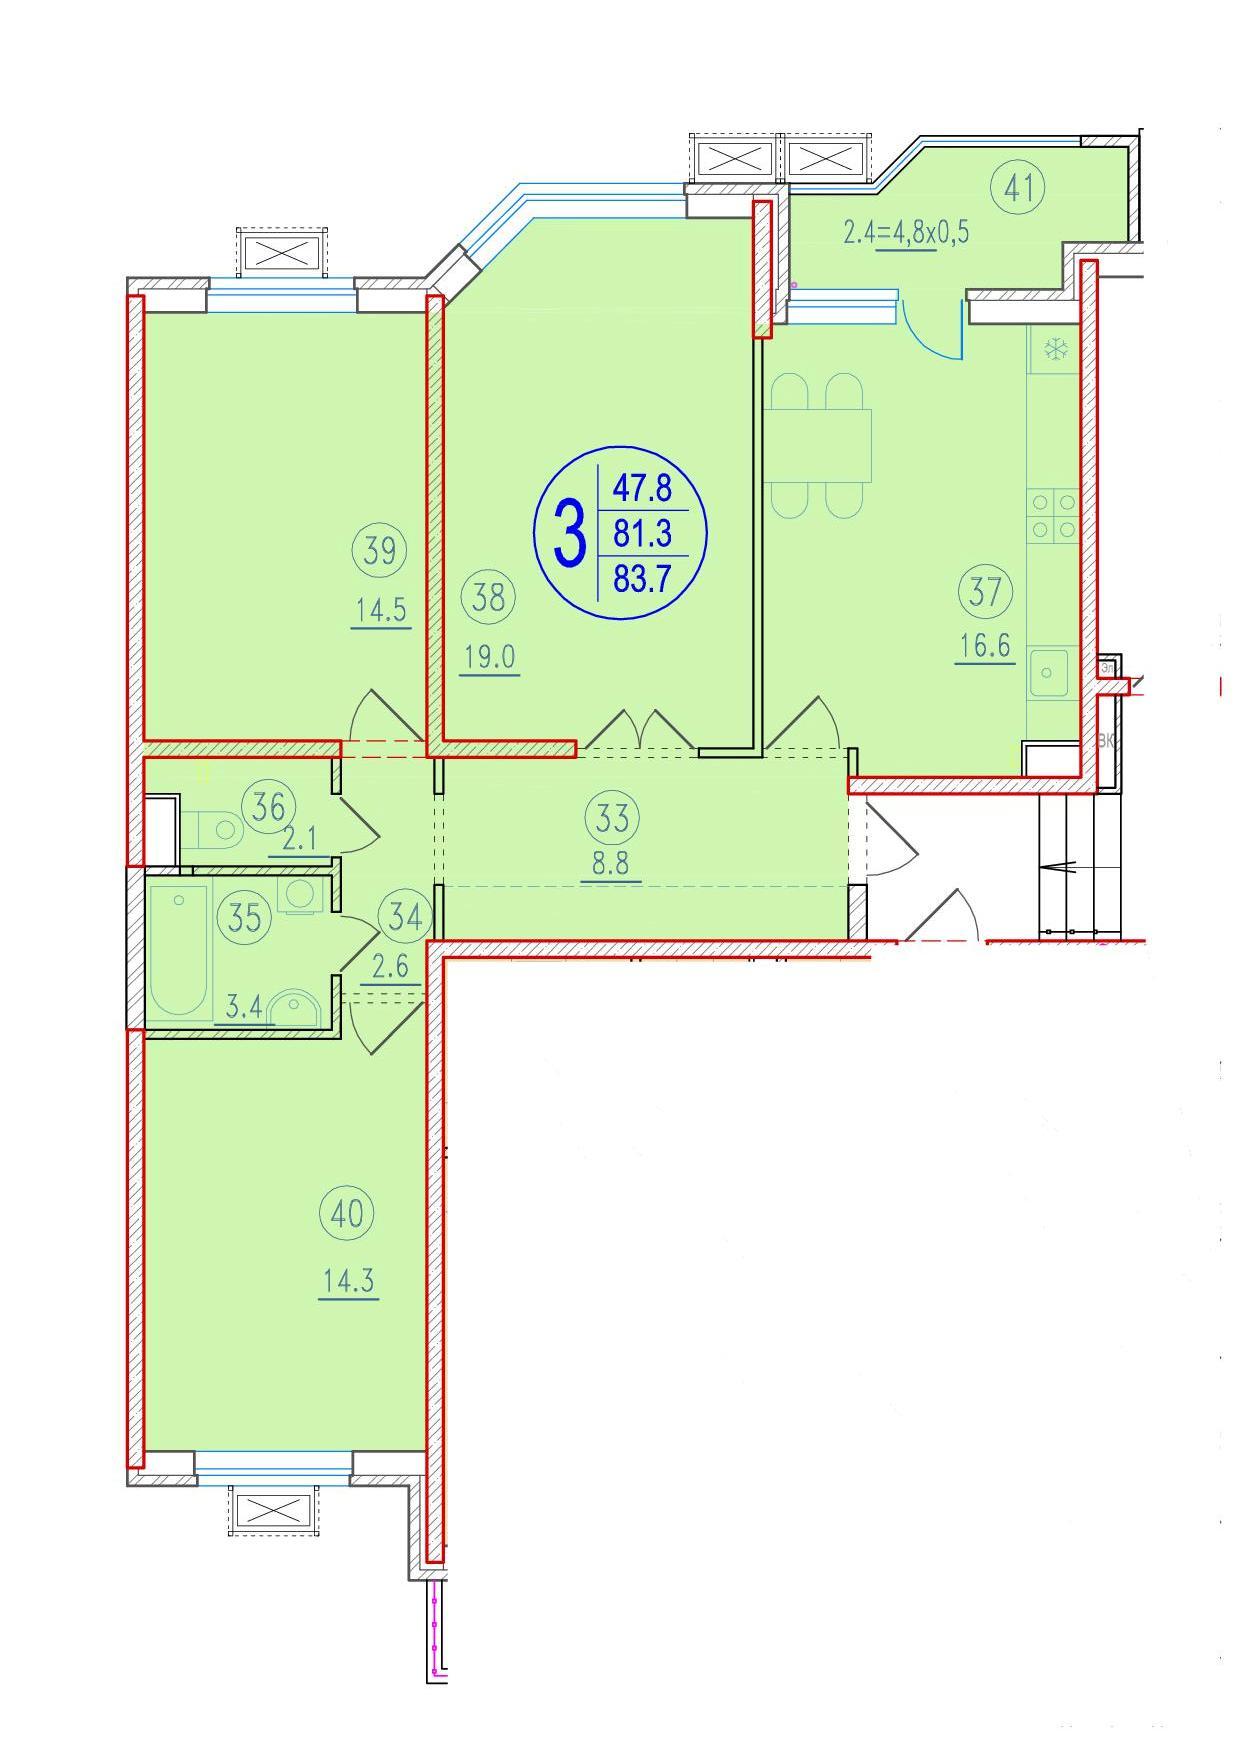 3-комнатная 83.7<span>м<sup>2</sup></span>